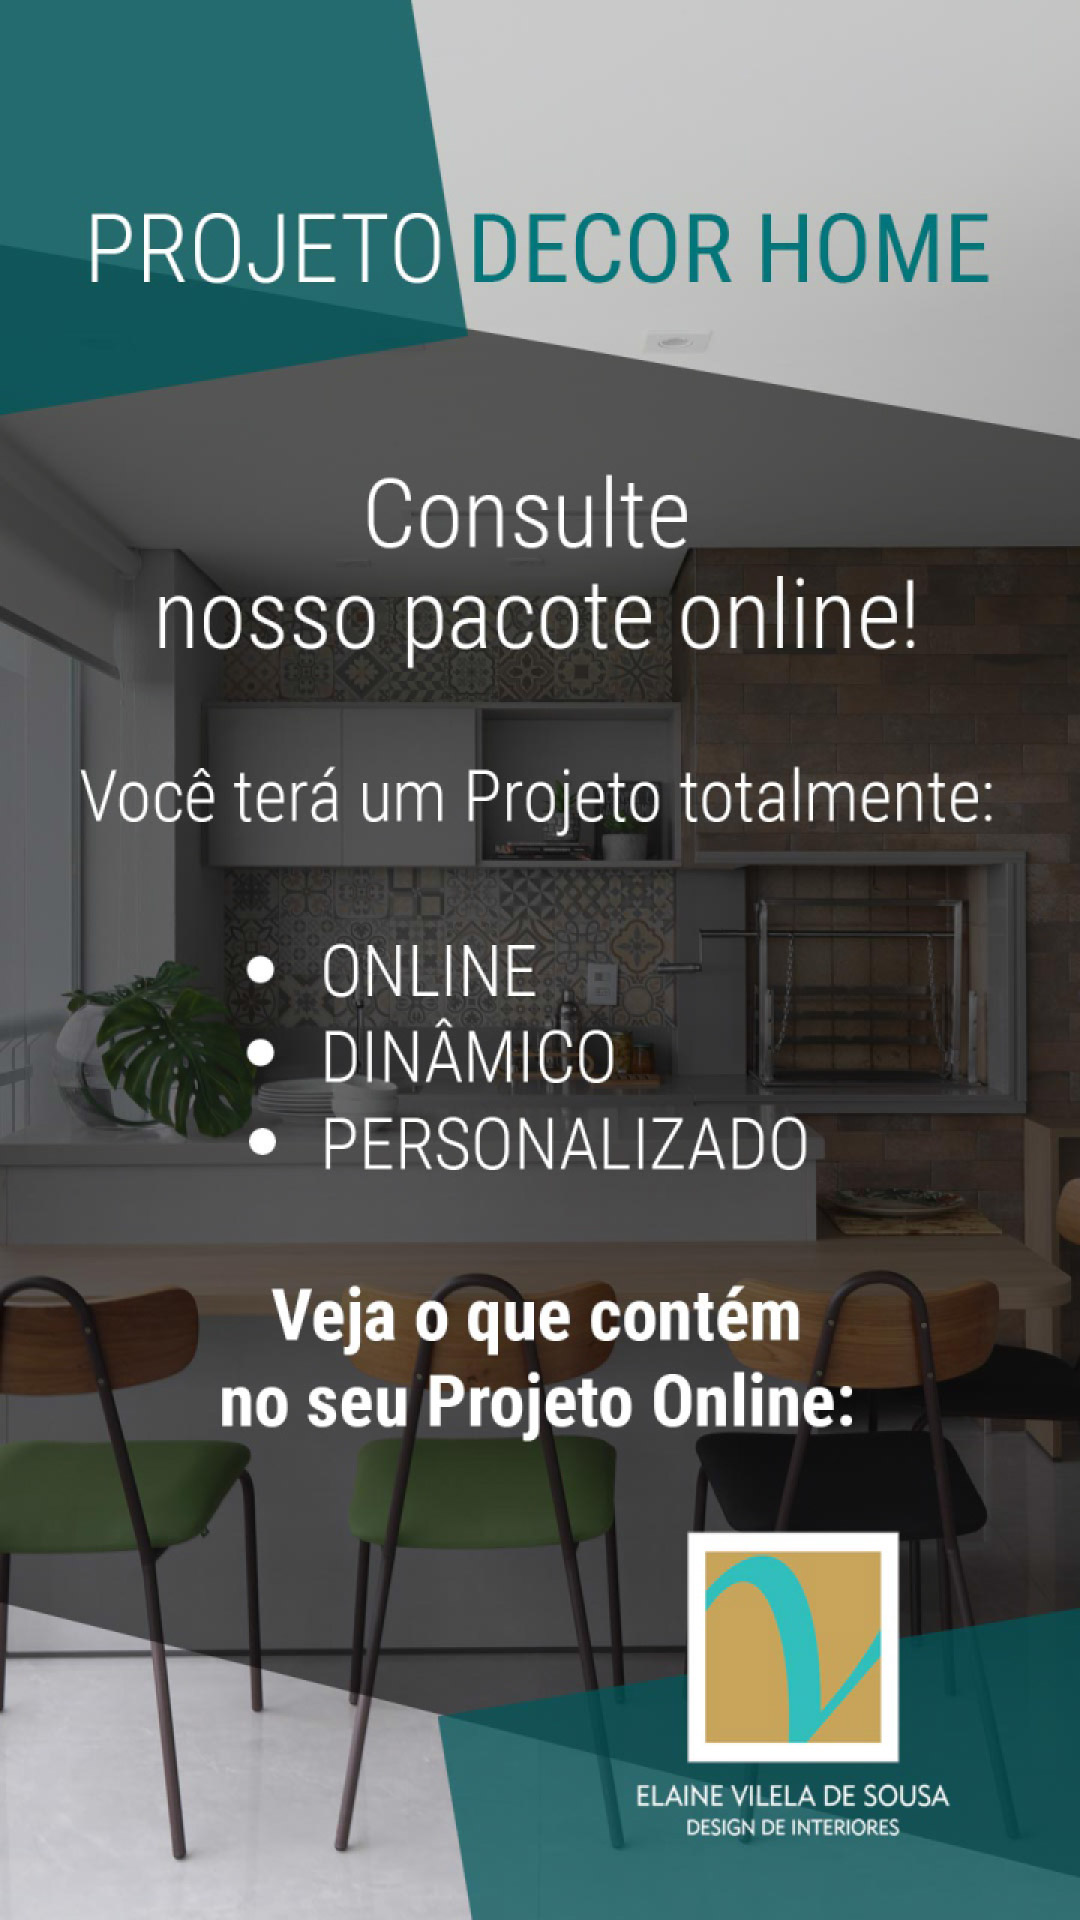 Projeto-Decor-Home---Elaine-Vilela-de-Sousa-4